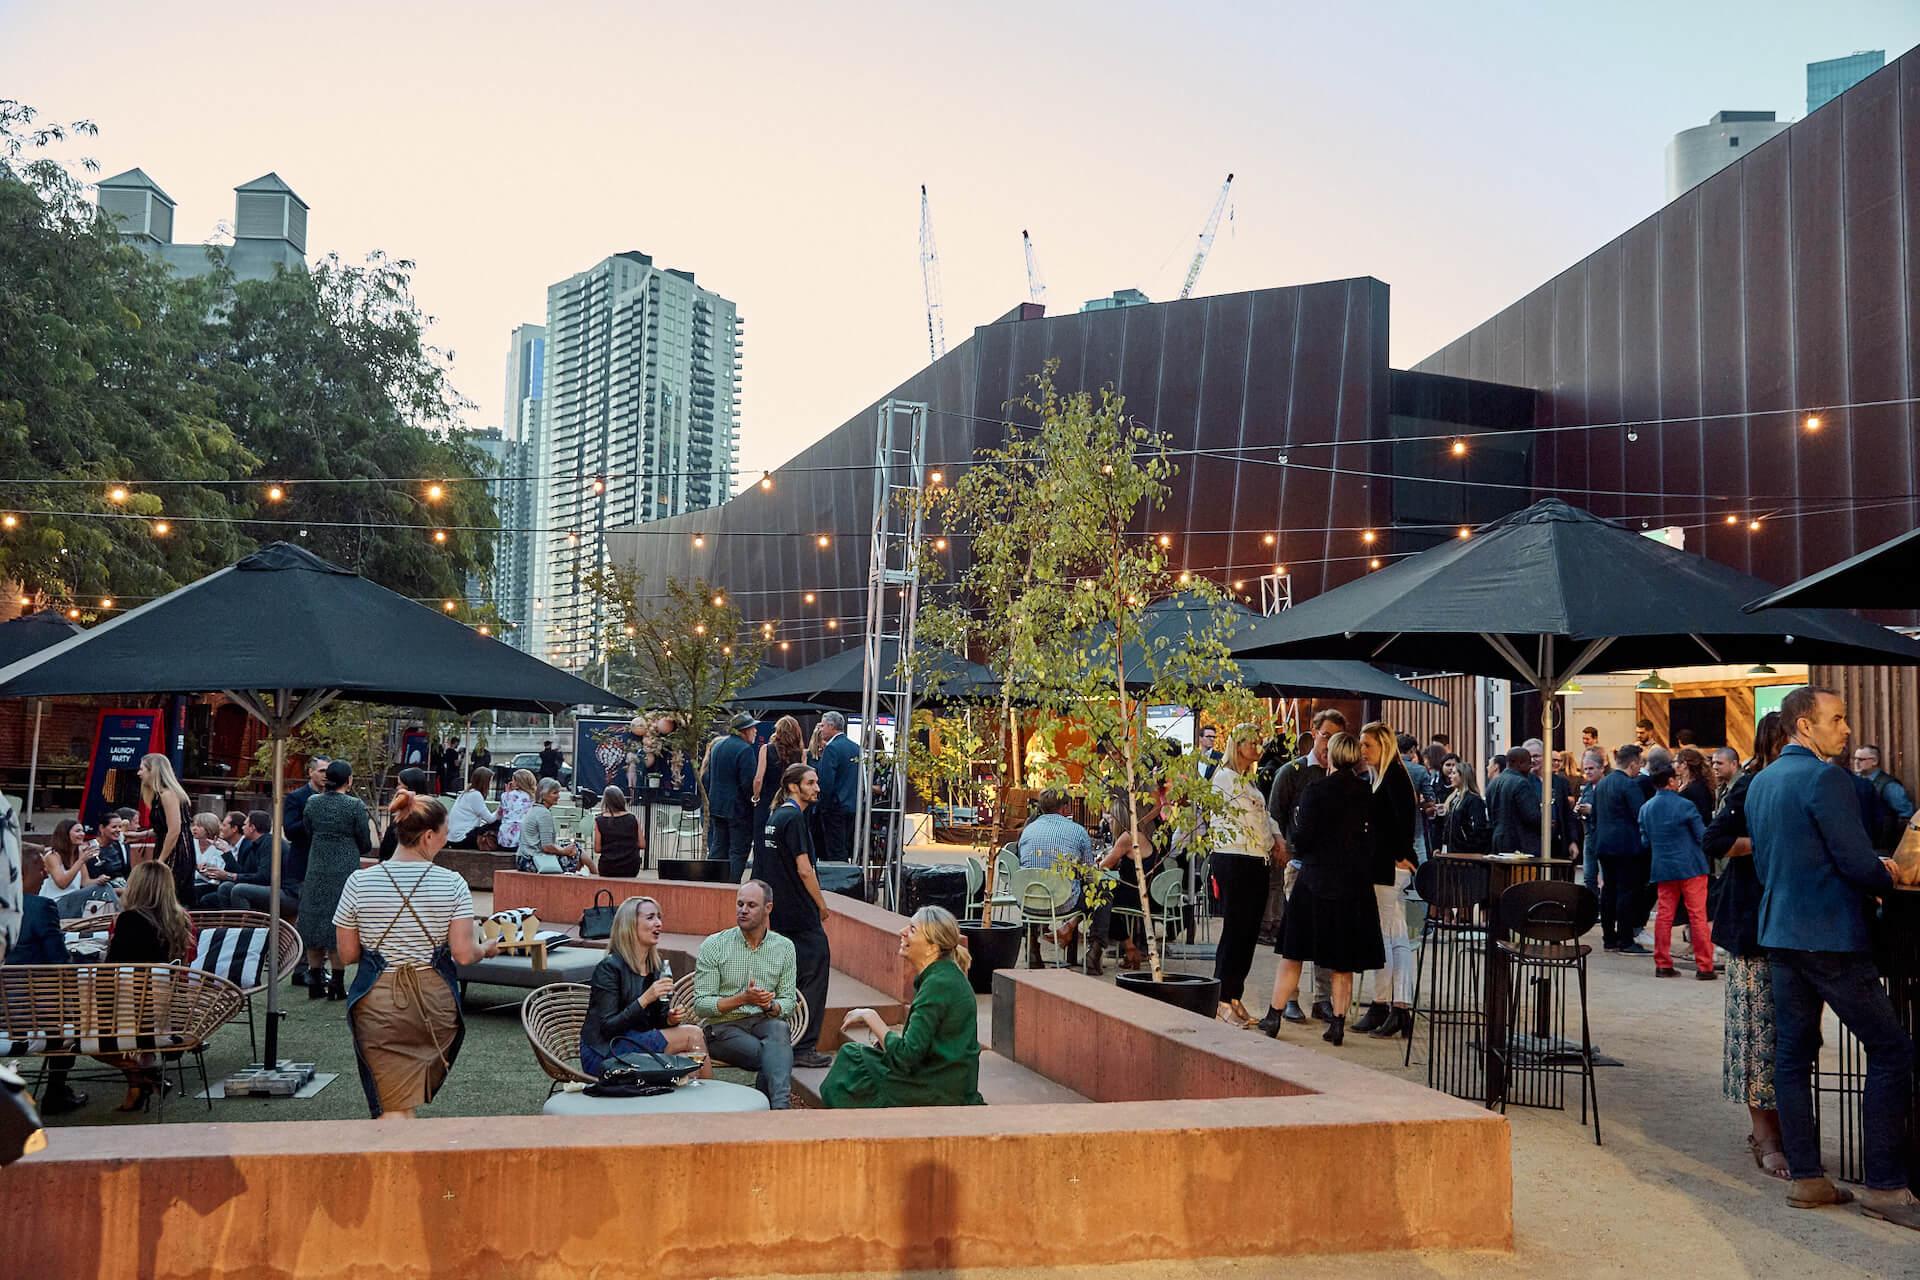 「世界で最も住みやすい街」メルボルンで食とワインを楽しもう!<メルボルン・フード&ワイン・フェスティバル>開催決定 gourmet200218_melbournefoodwinefes_03